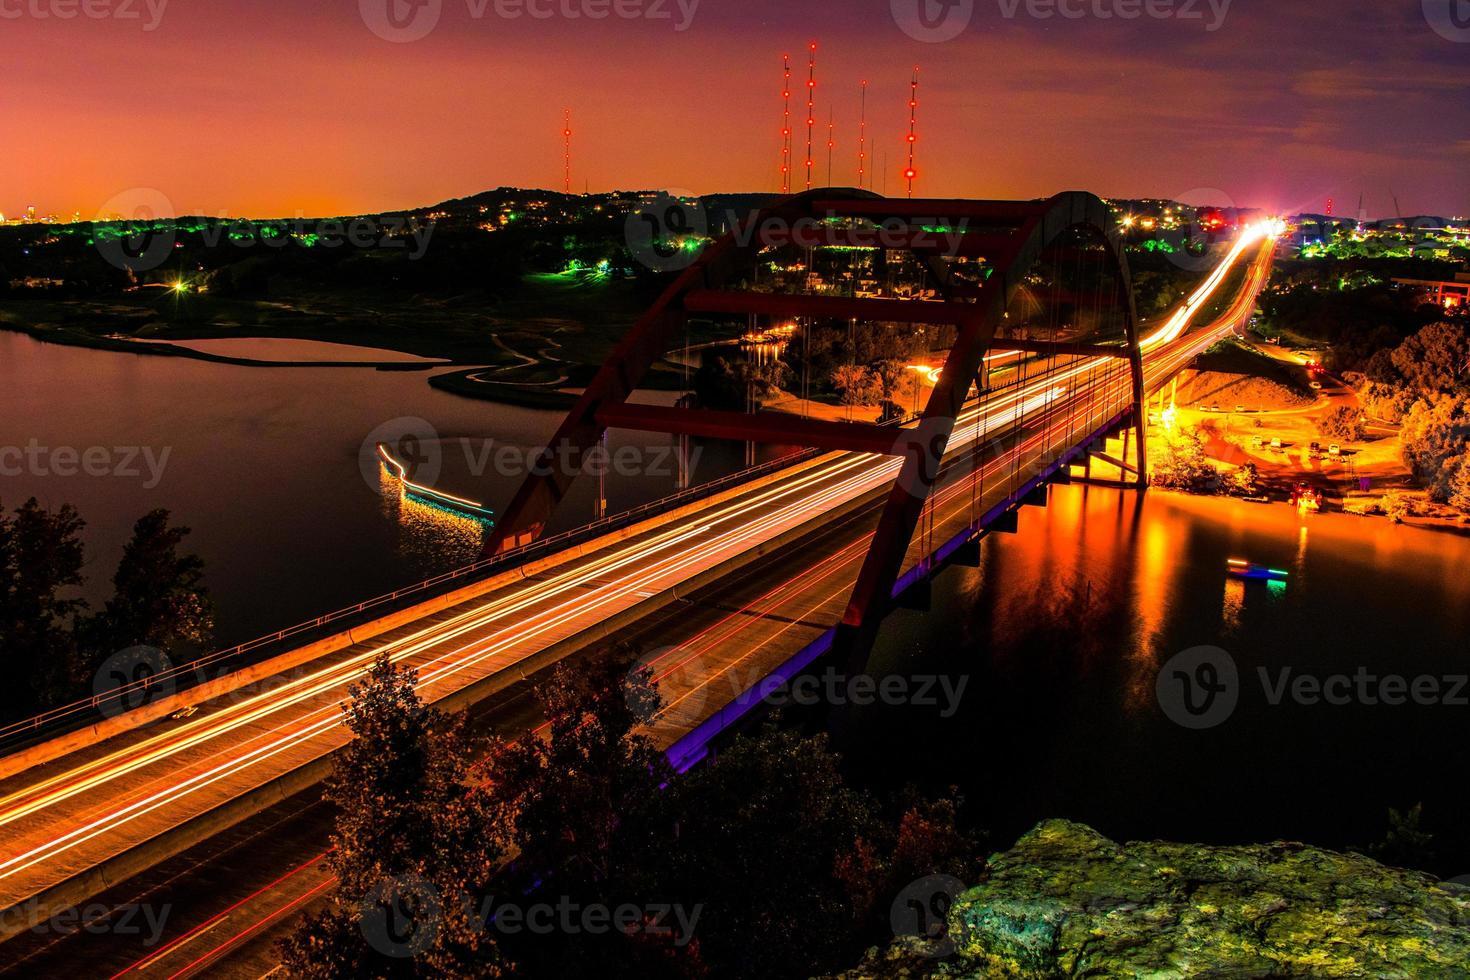 natt 360 bridge pennybacker austin långa exponeringsspår hela natten foto